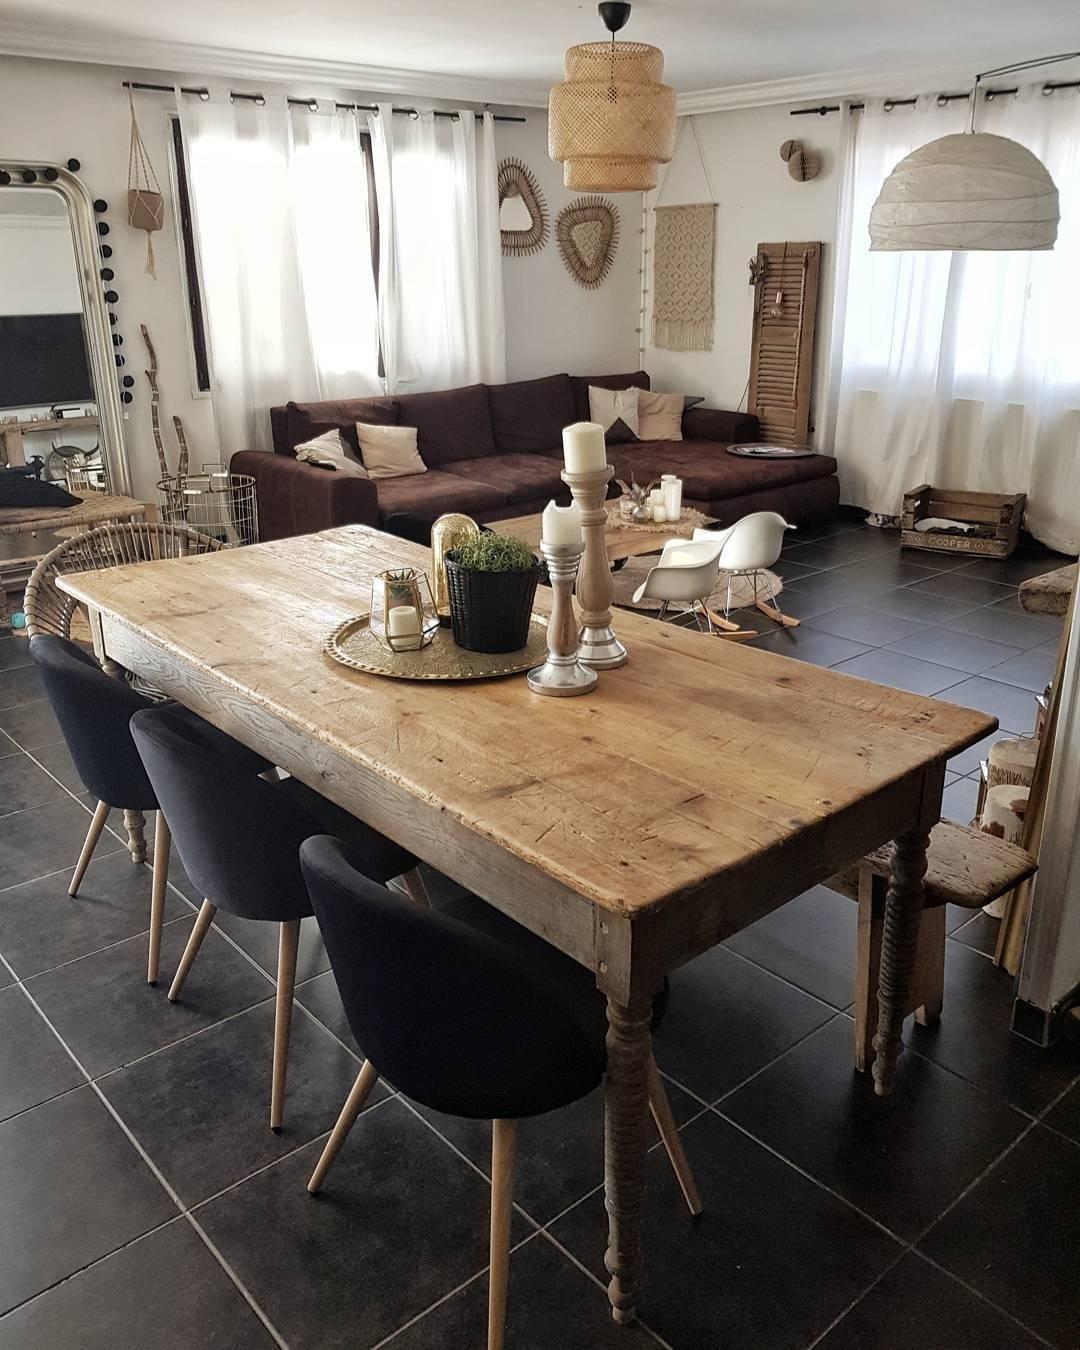 We Love Rattan Unser Trend Favorit Der Stylische Stuhl Kesara Kombiniert Mit Einem Rustikalen Holztisch Schwarzen Polsterstuhlen Und